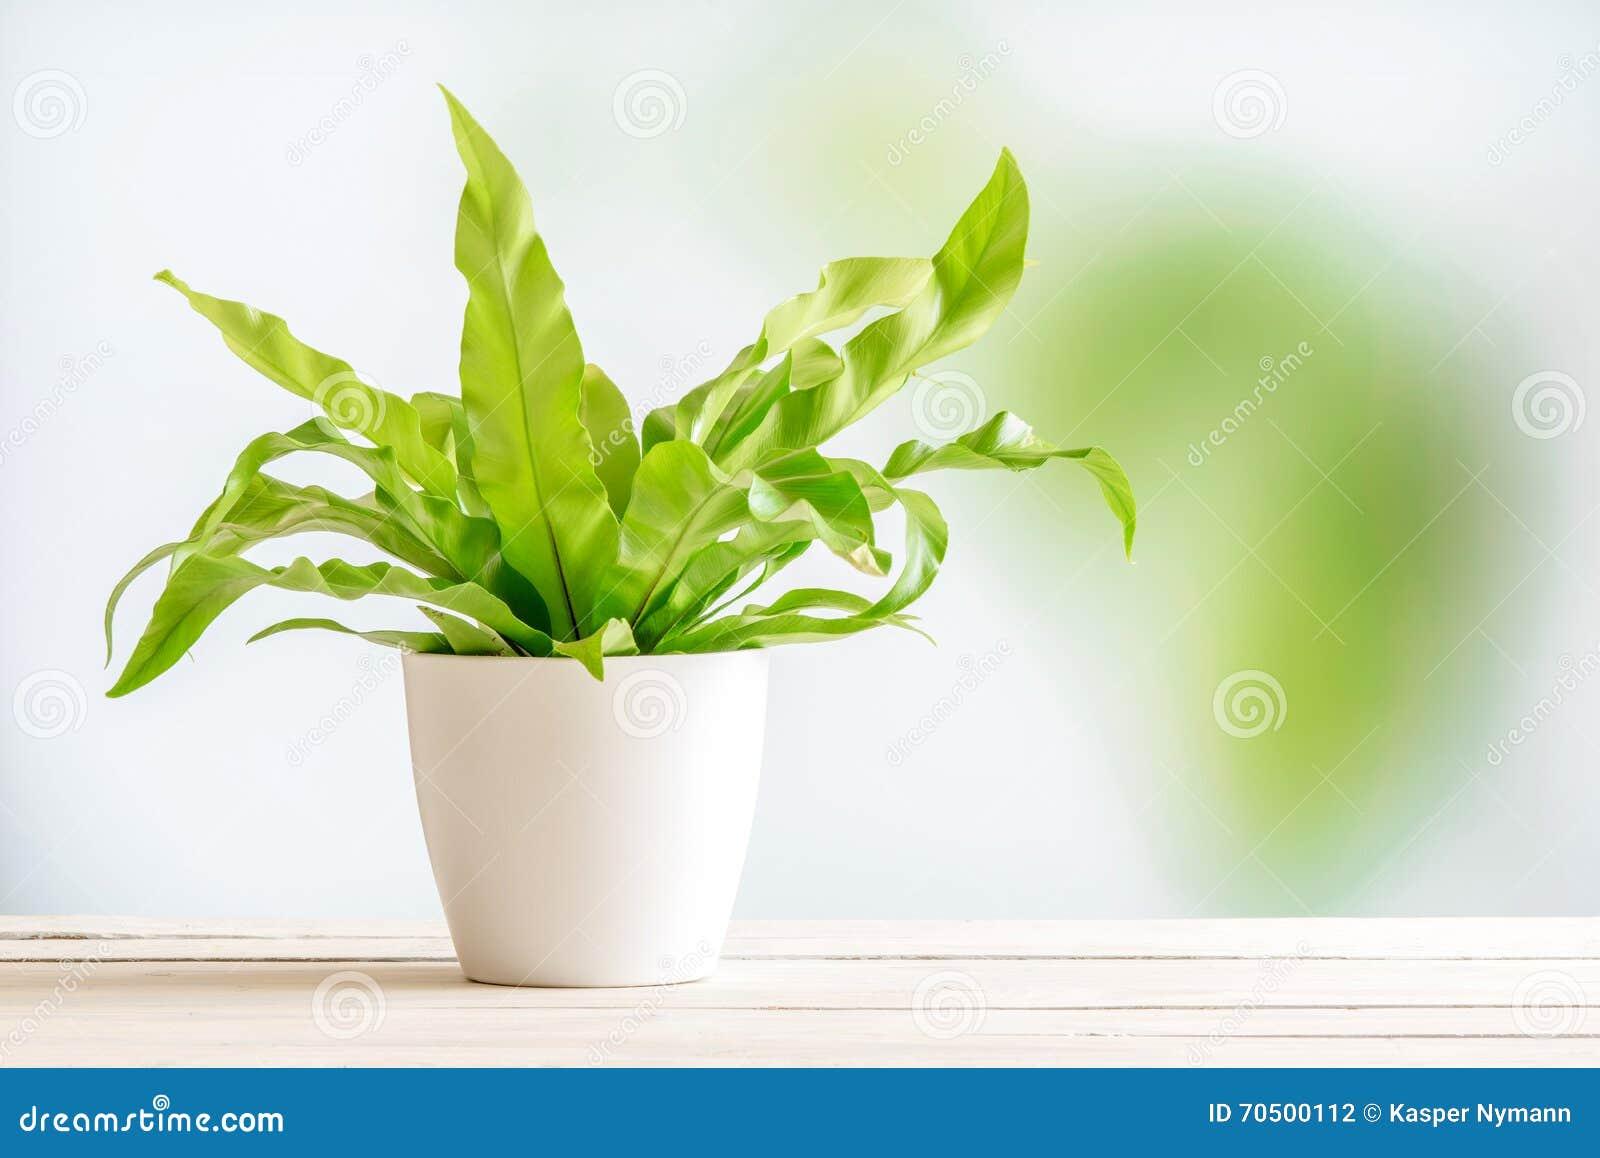 Planta verde en una maceta blanca foto de archivo imagen - Hierba luisa en maceta ...